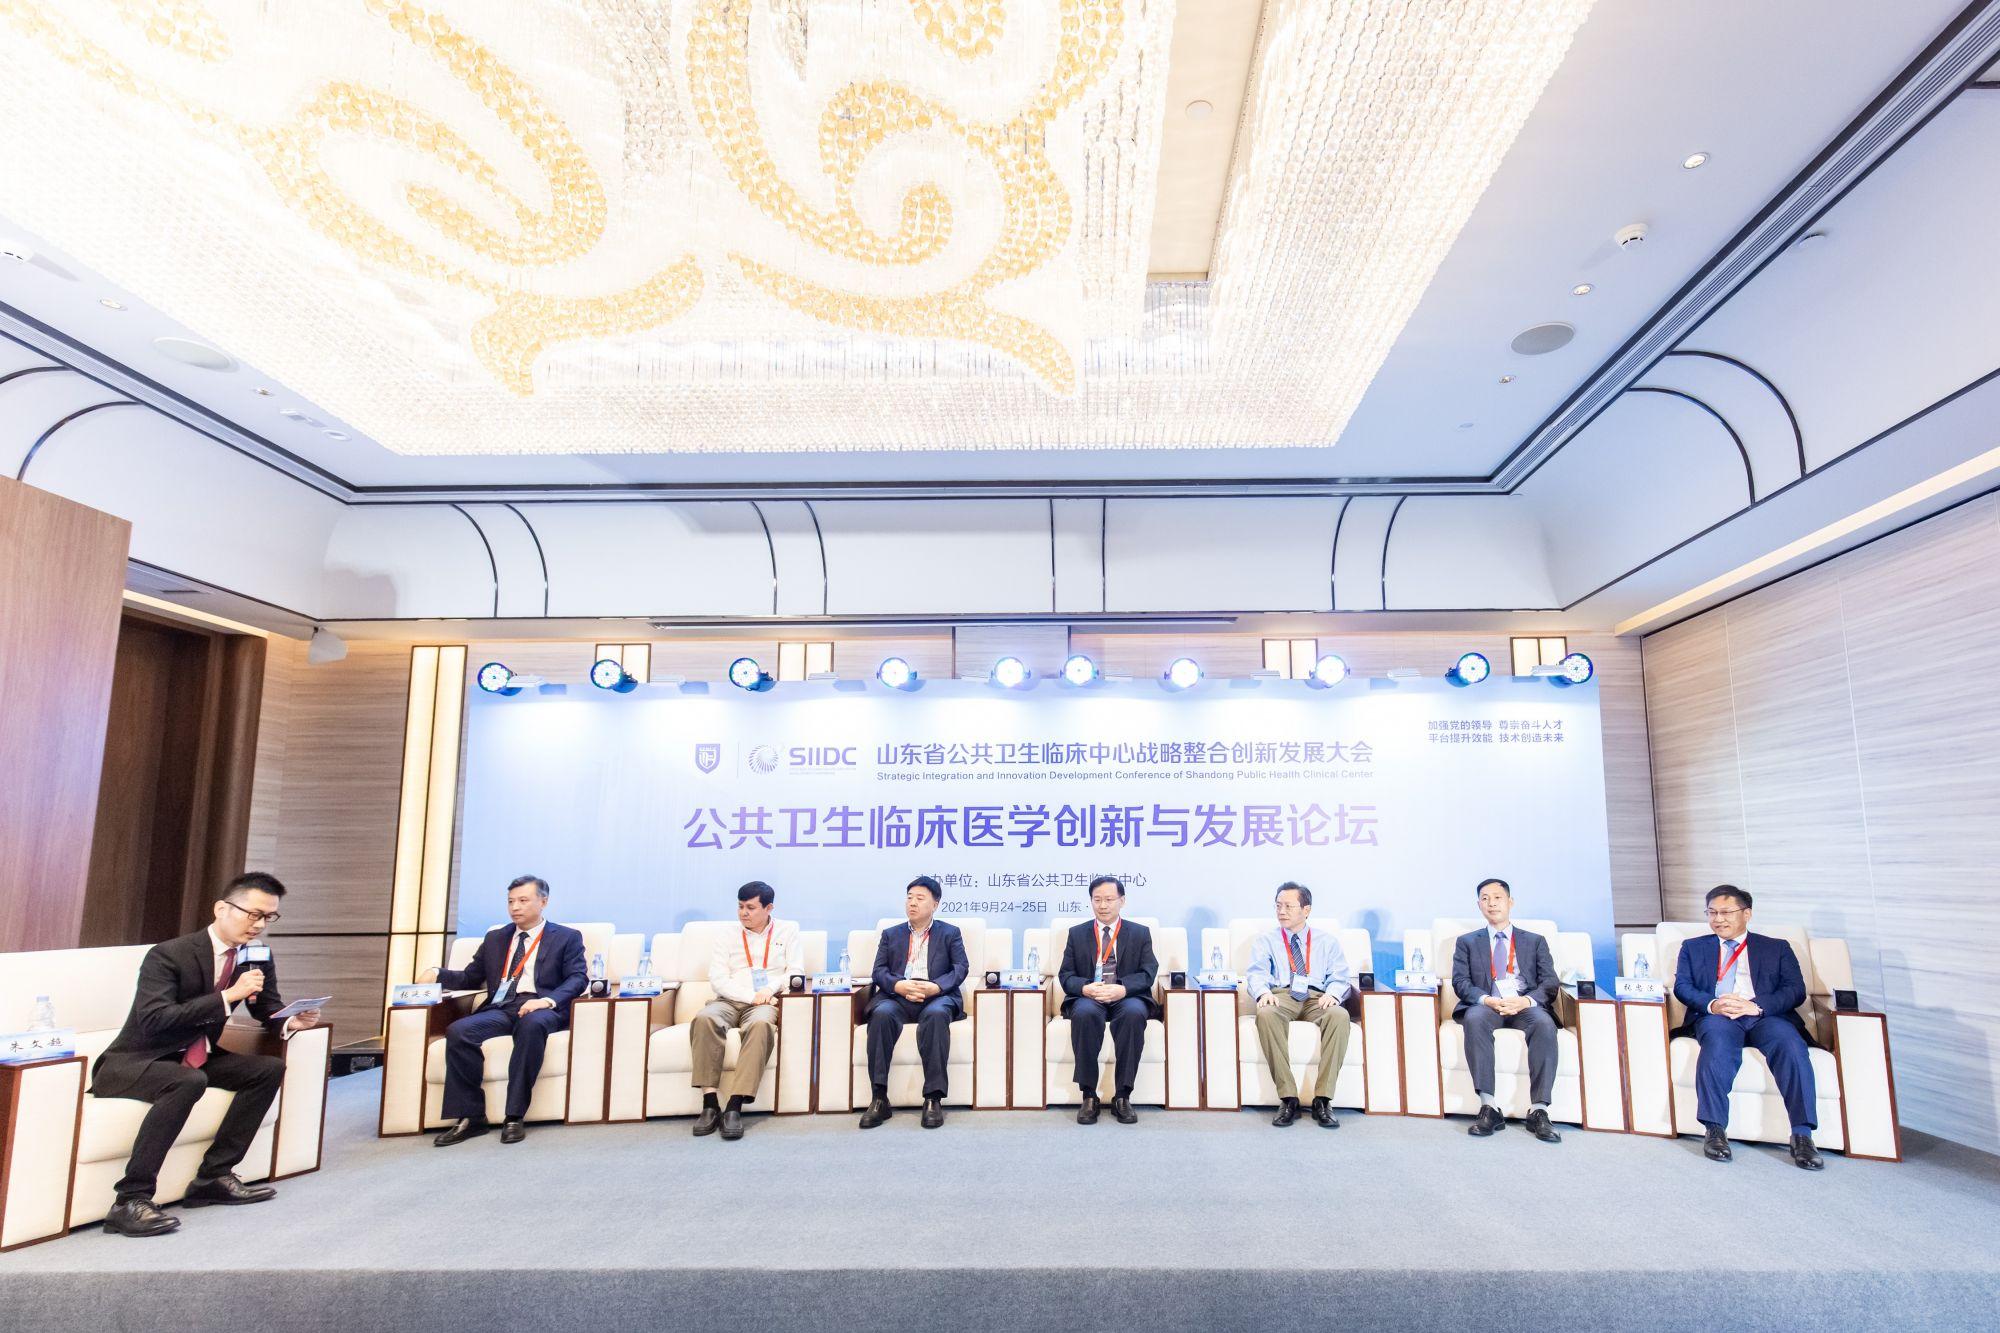 """对话、分享、创新 """"公共卫生临床医学创新与发展""""论坛在济南召开"""